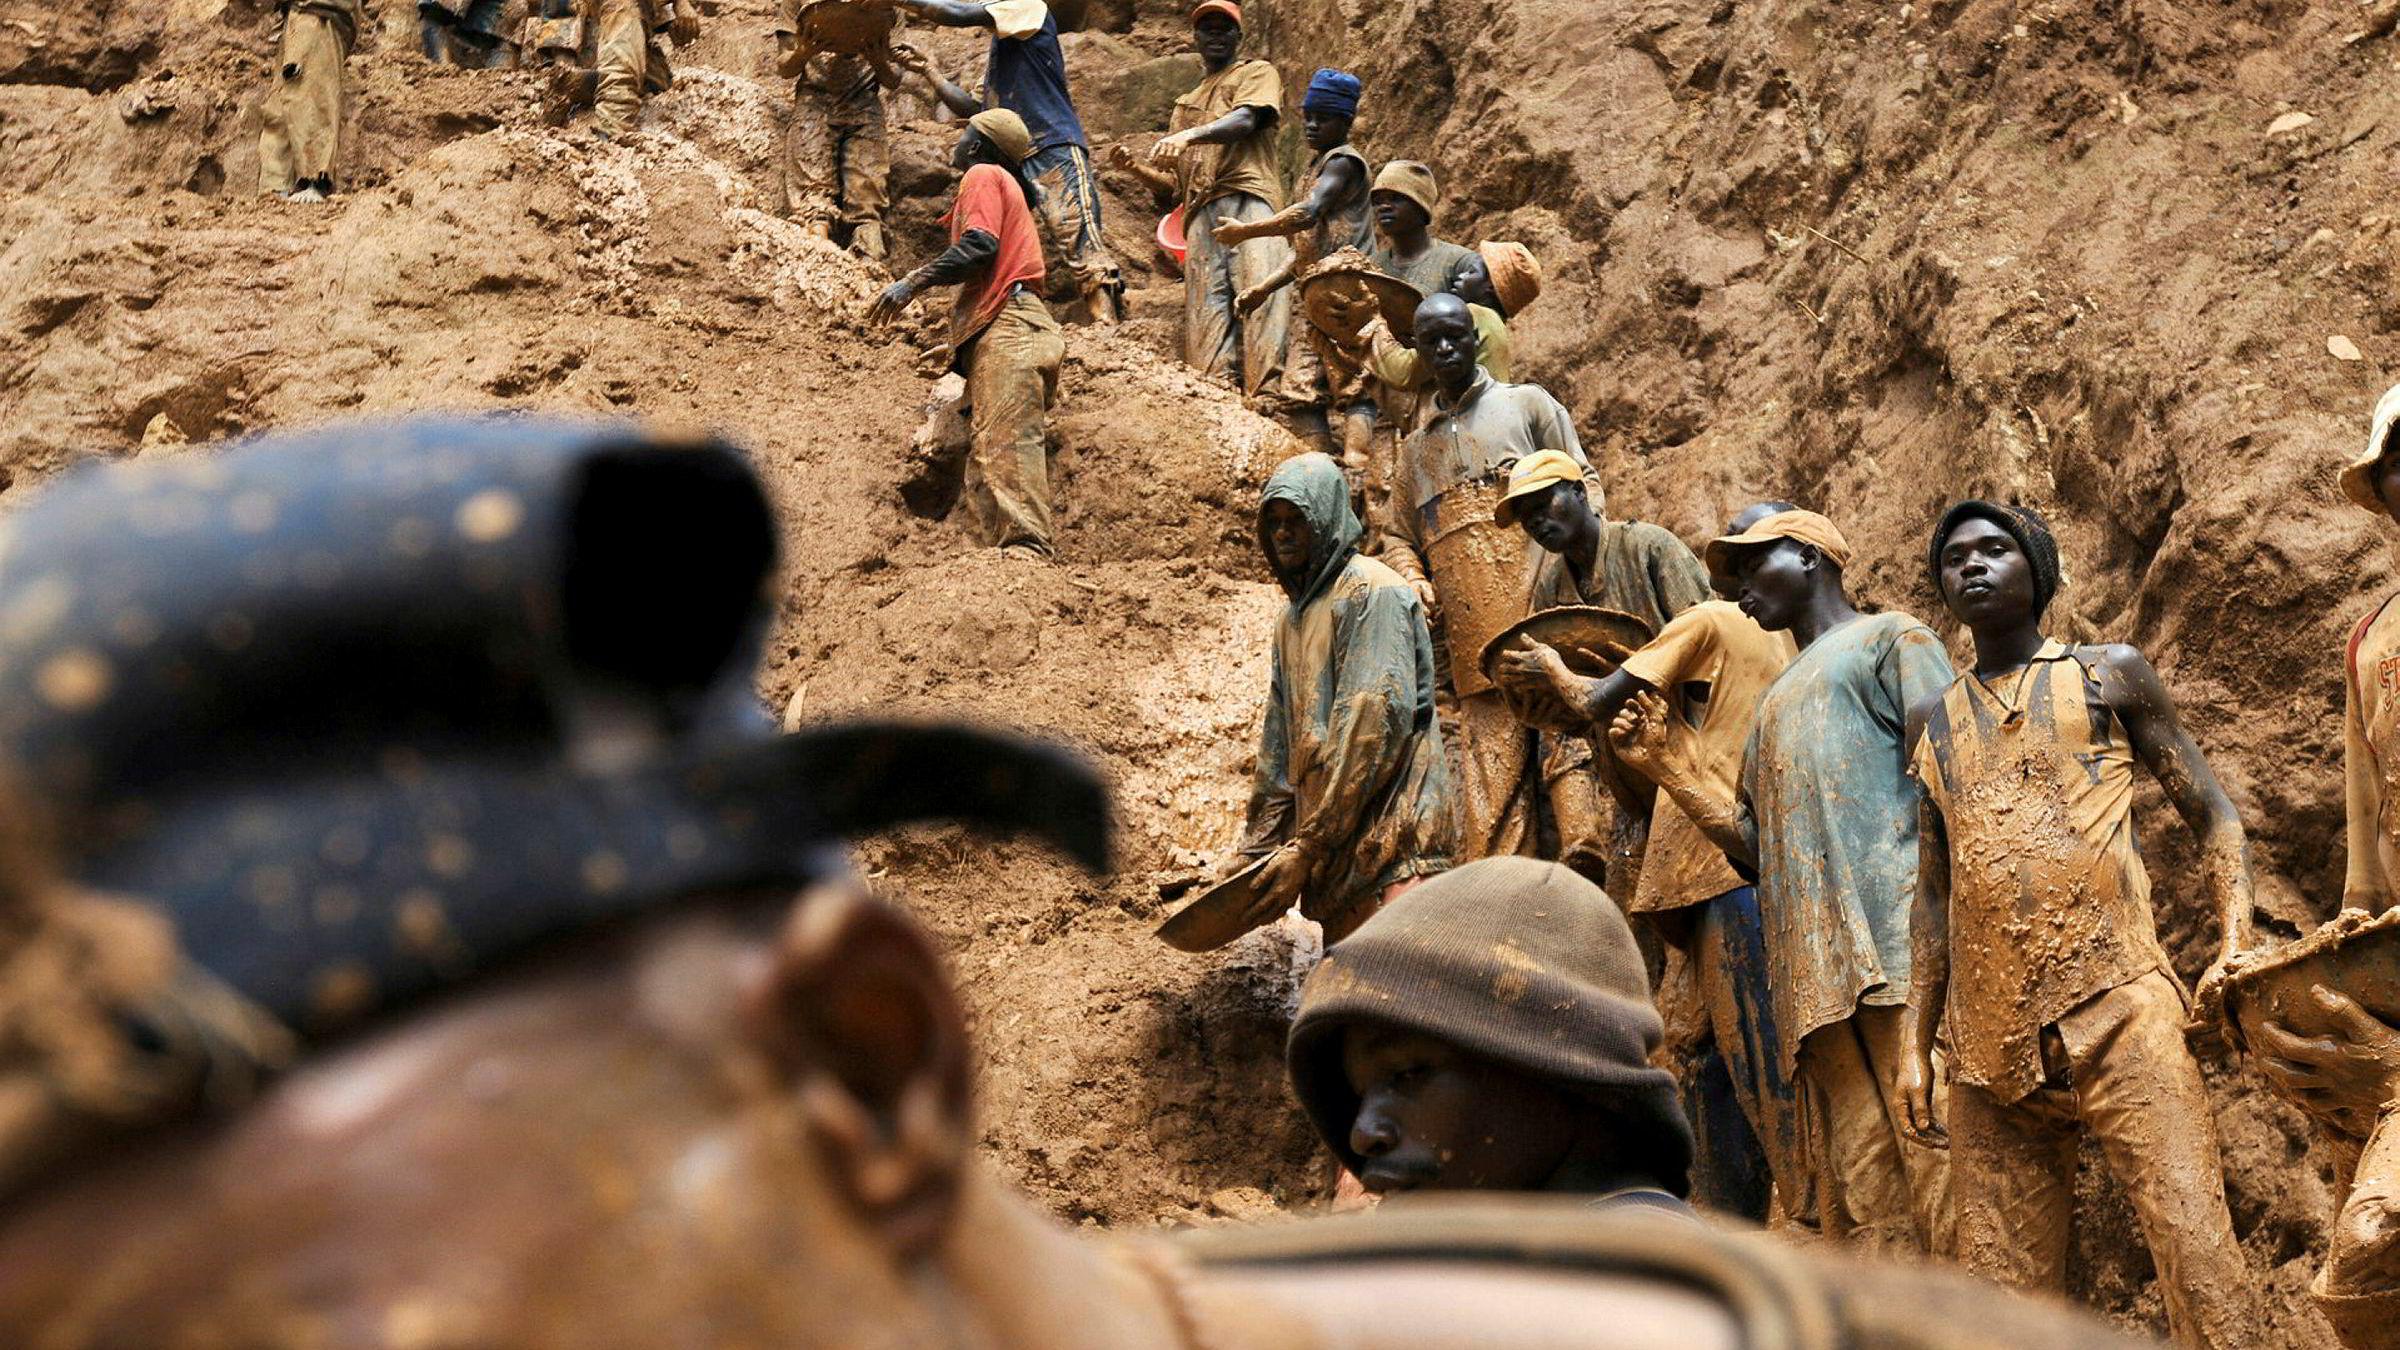 I dag foregår mesteparten av utvinning og produksjon av for eksempel litium i Chile, kobolt i Kongo og indium i Kina. Her et bilde fra Kongo, der konflikter ofte har oppstått som følge av uenighet knyttet til landets ressurser.